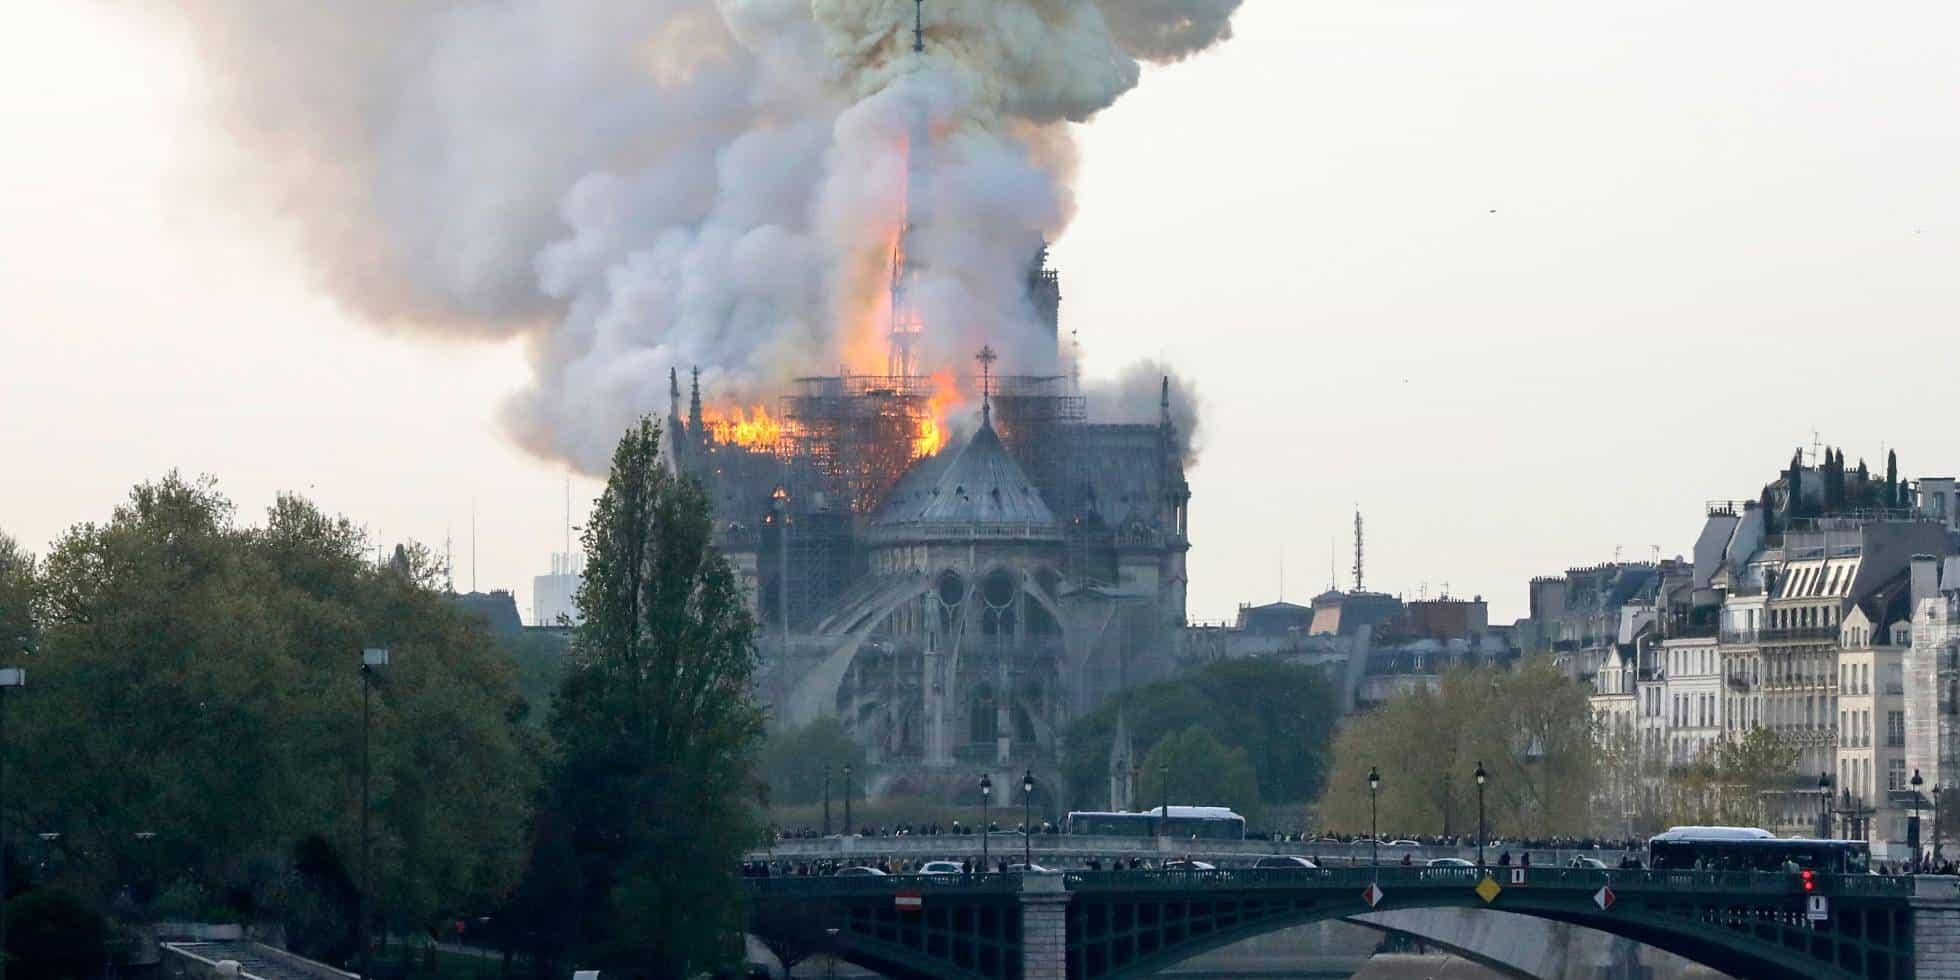 reconstrucao notre dame arquiteta 9 - 8 ideias de reconstrução de Notre Dame